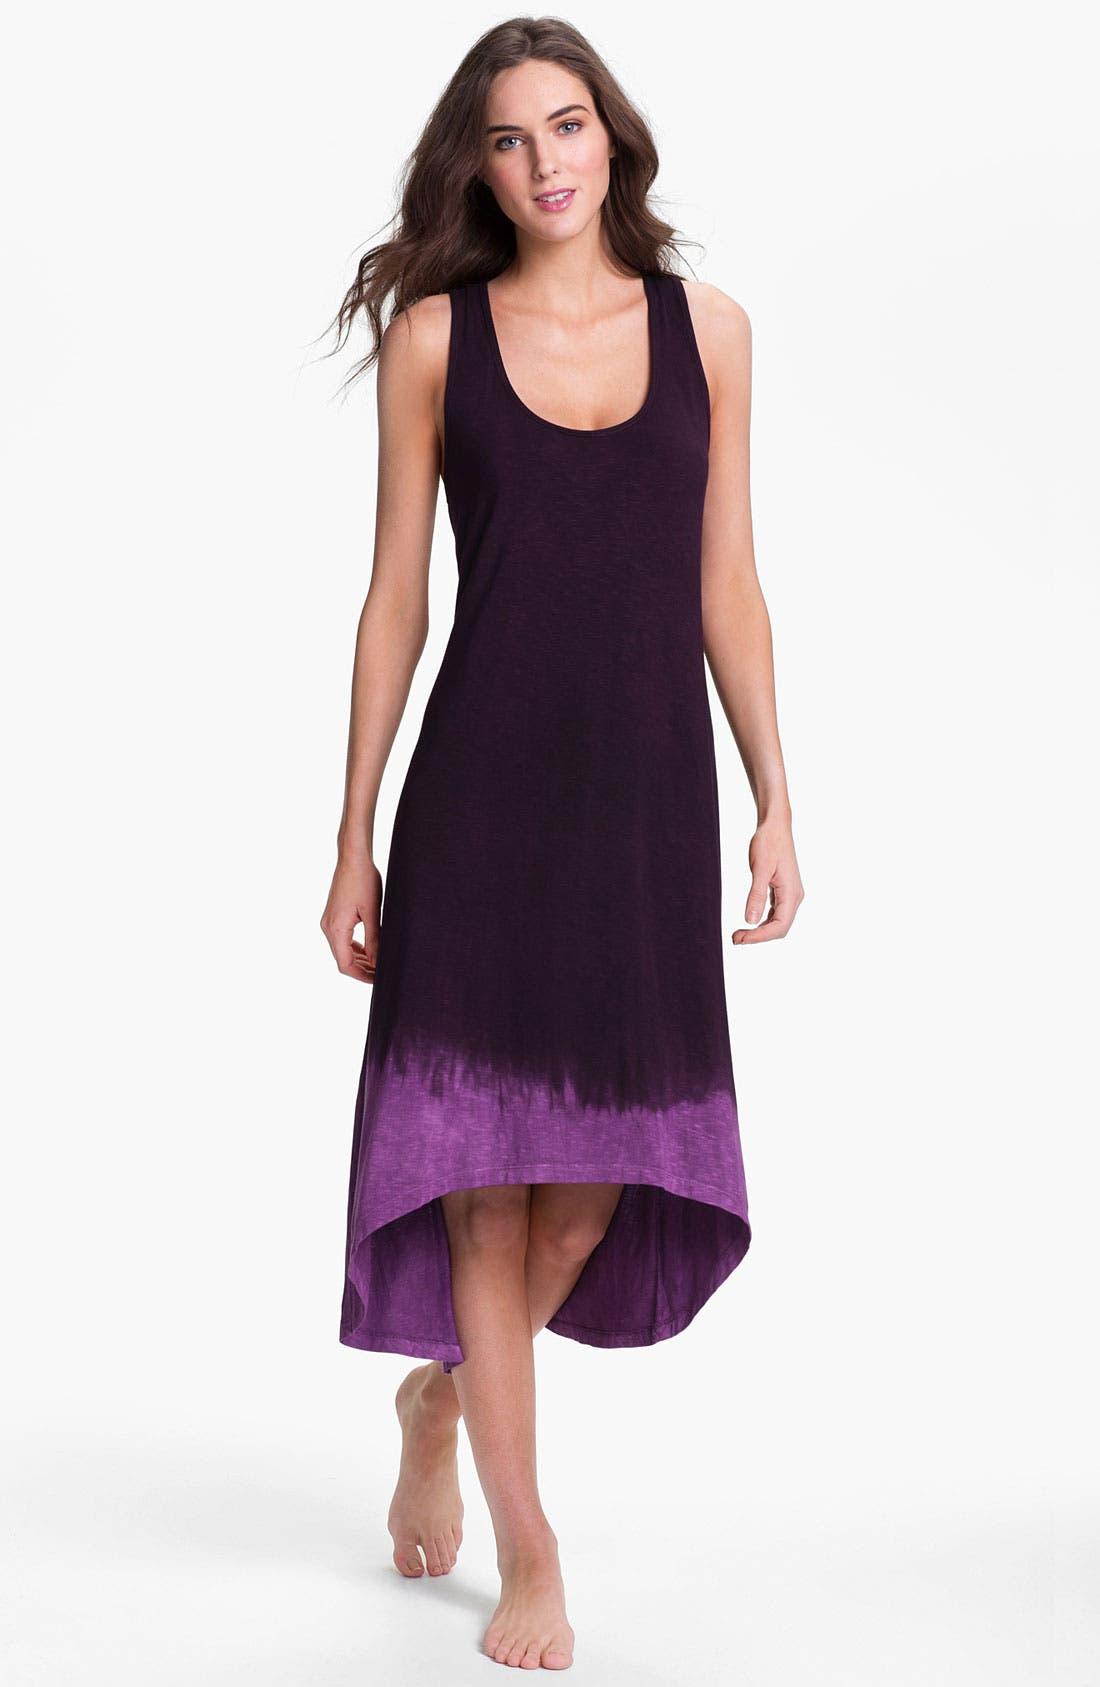 Alternate Image 1 Selected - Lucky Brand Swimwear 'Summer Lovin' Dress